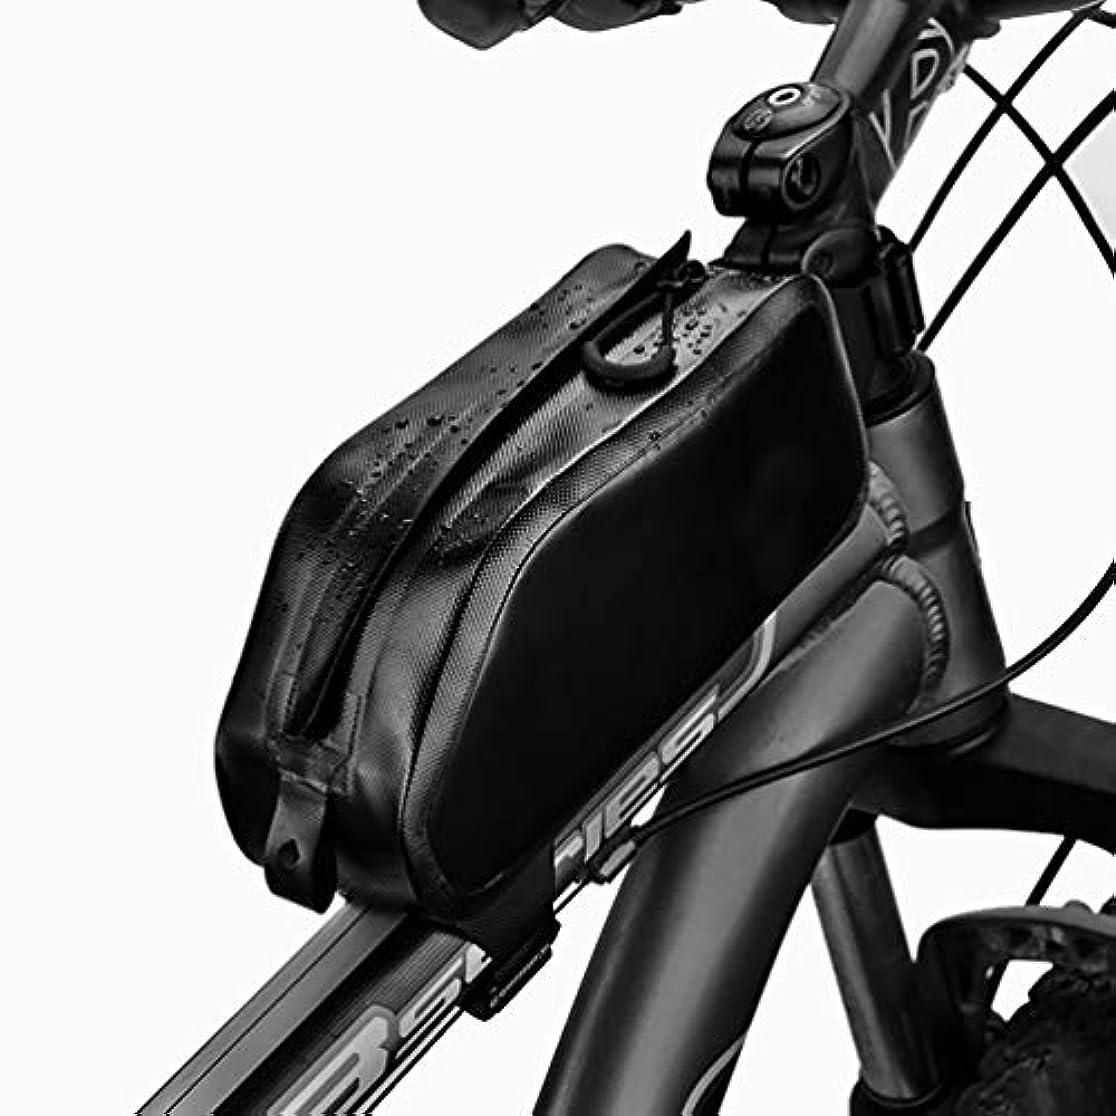 ビールジム読み書きのできない自転車バッグ、携帯電話ホルダー付き防雨完全防水フロントフレームトップチューブサイクリング自転車パニエバッグ